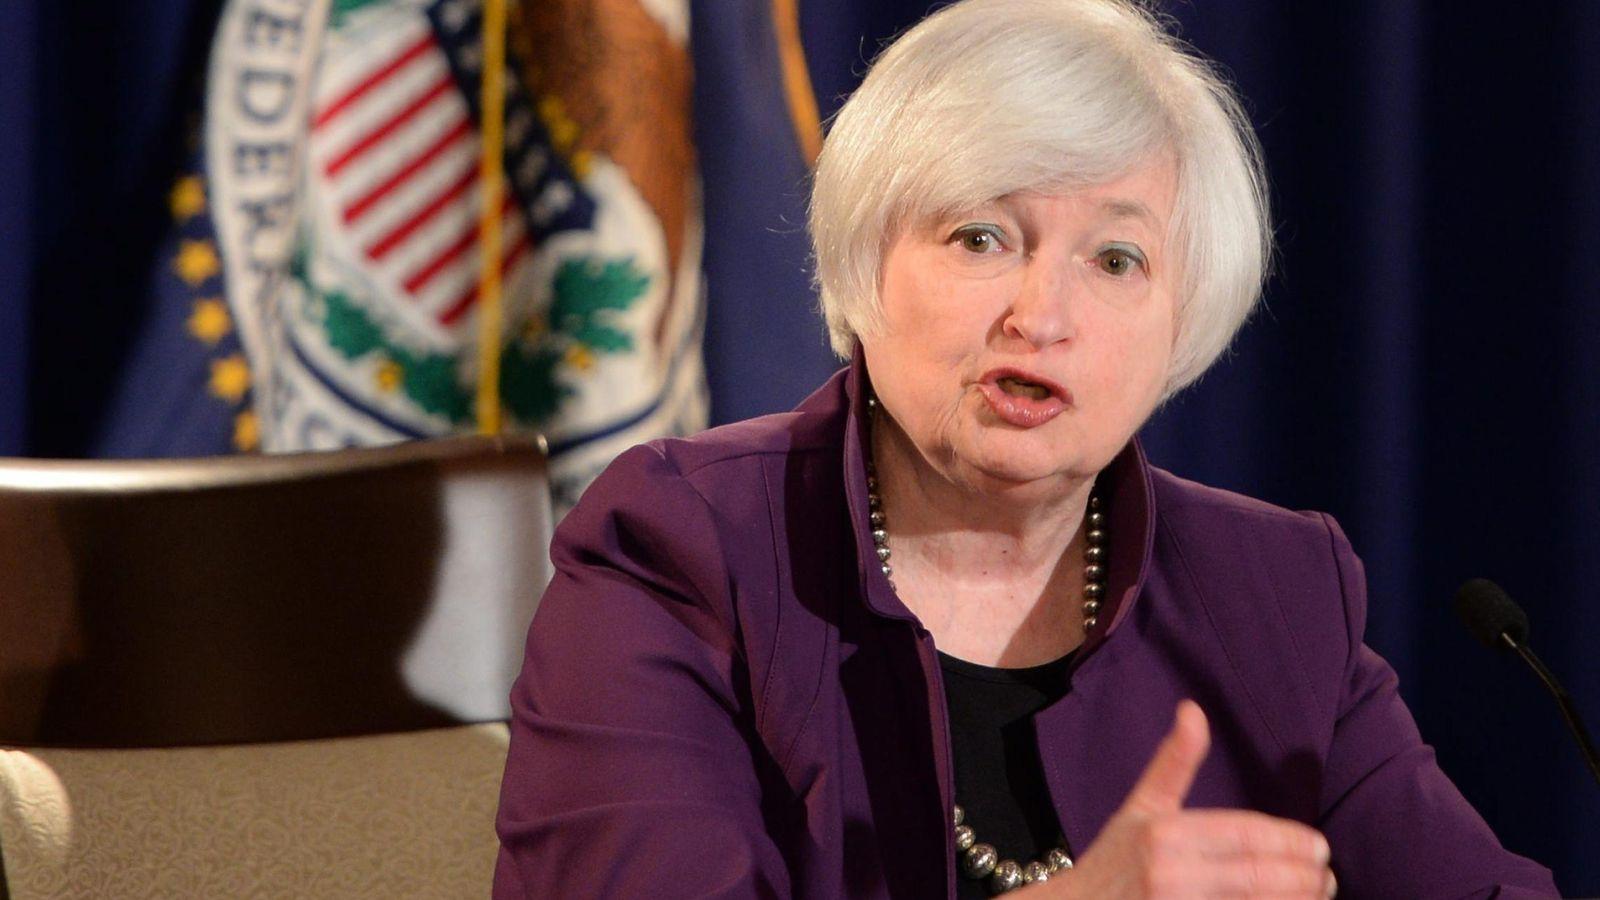 Foto: Conferencia de prensa de la presidenta de la Reserva Federal Janet Yellen